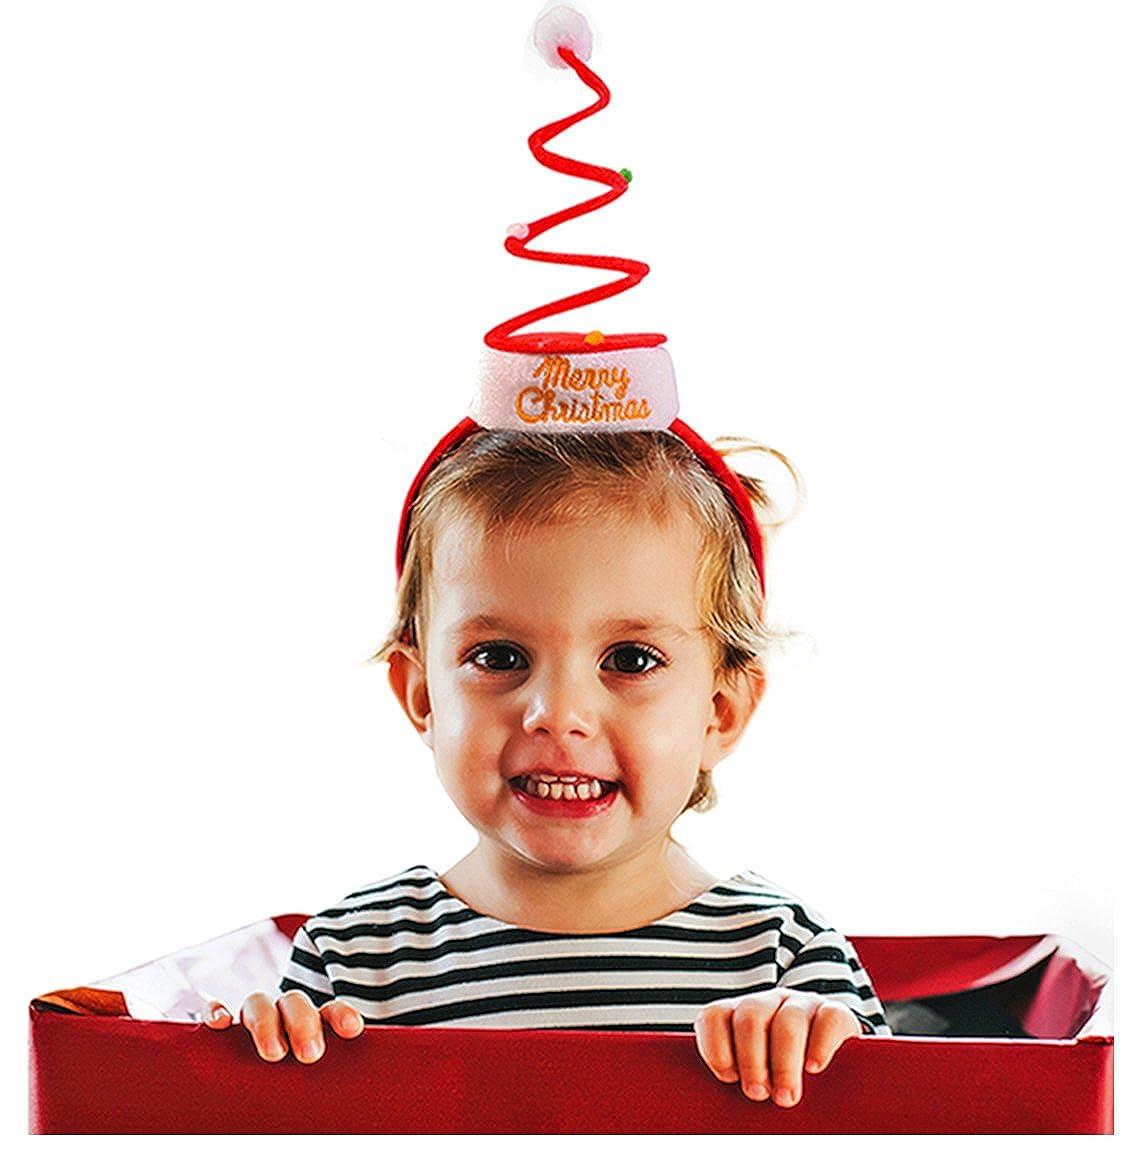 Amazon.com: Springy Christmas Headband - Christmas Headbands - by ...